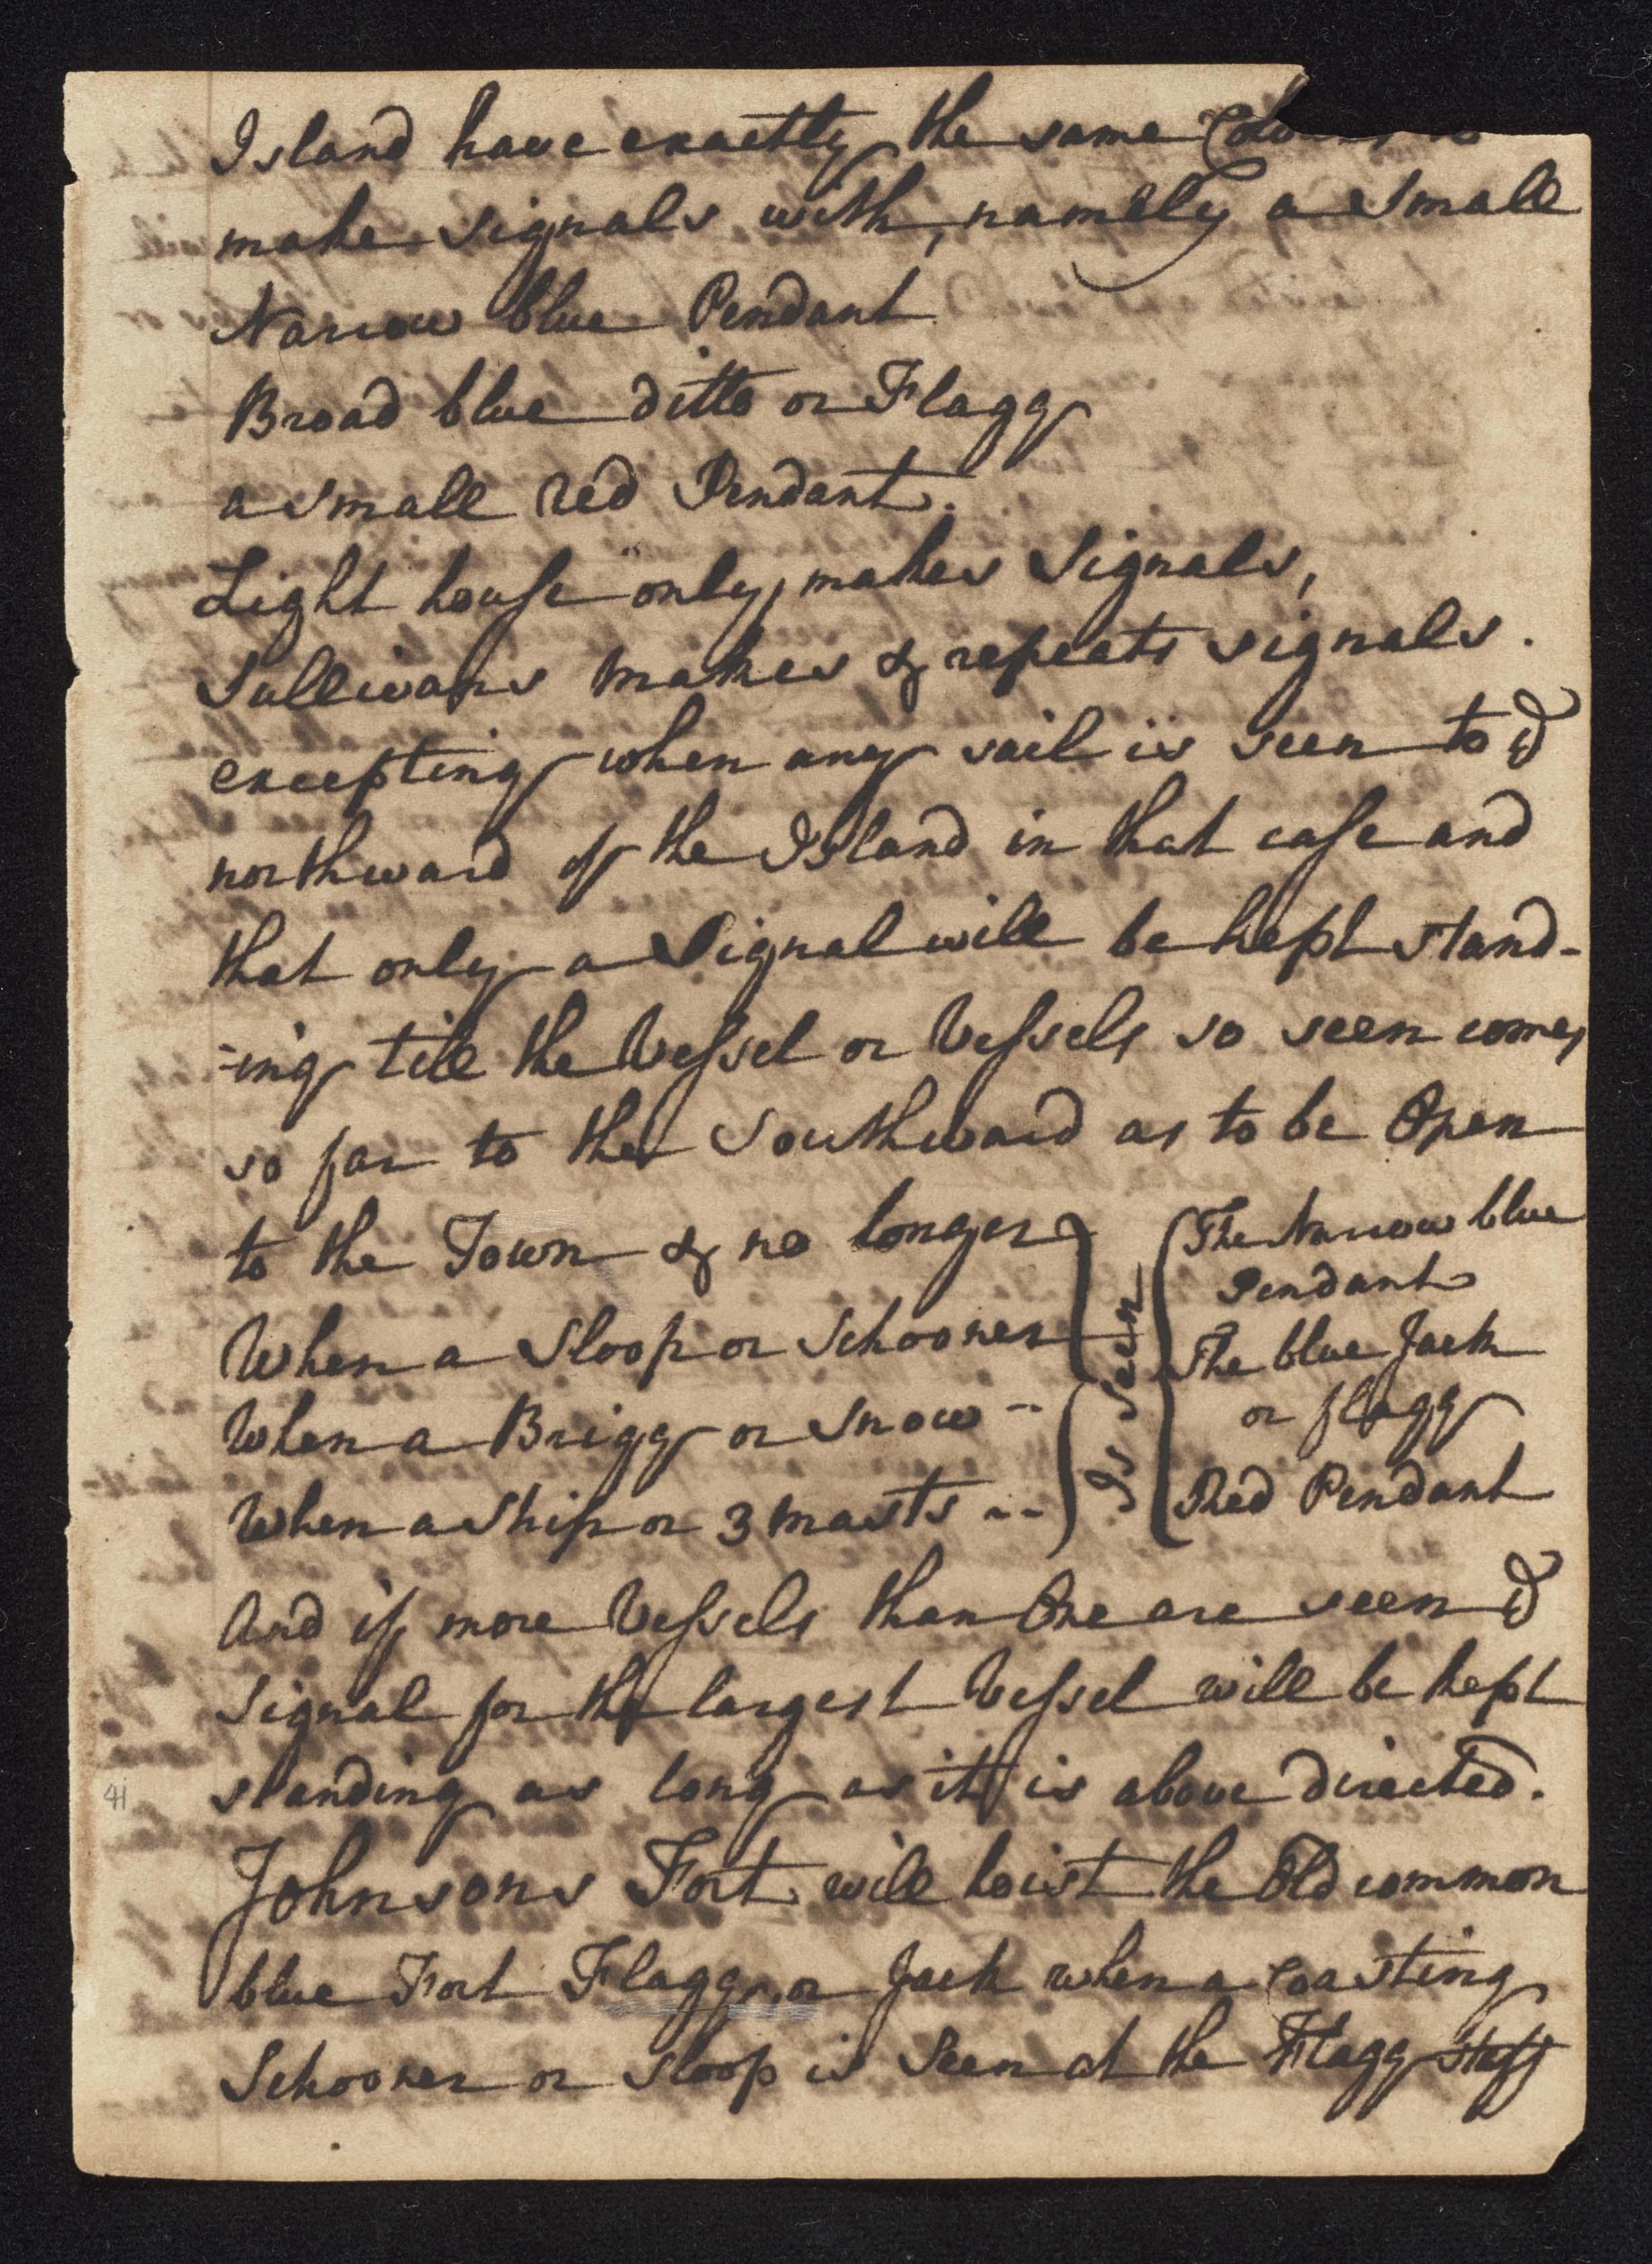 South Carolina Regiment Order Book, Page 81